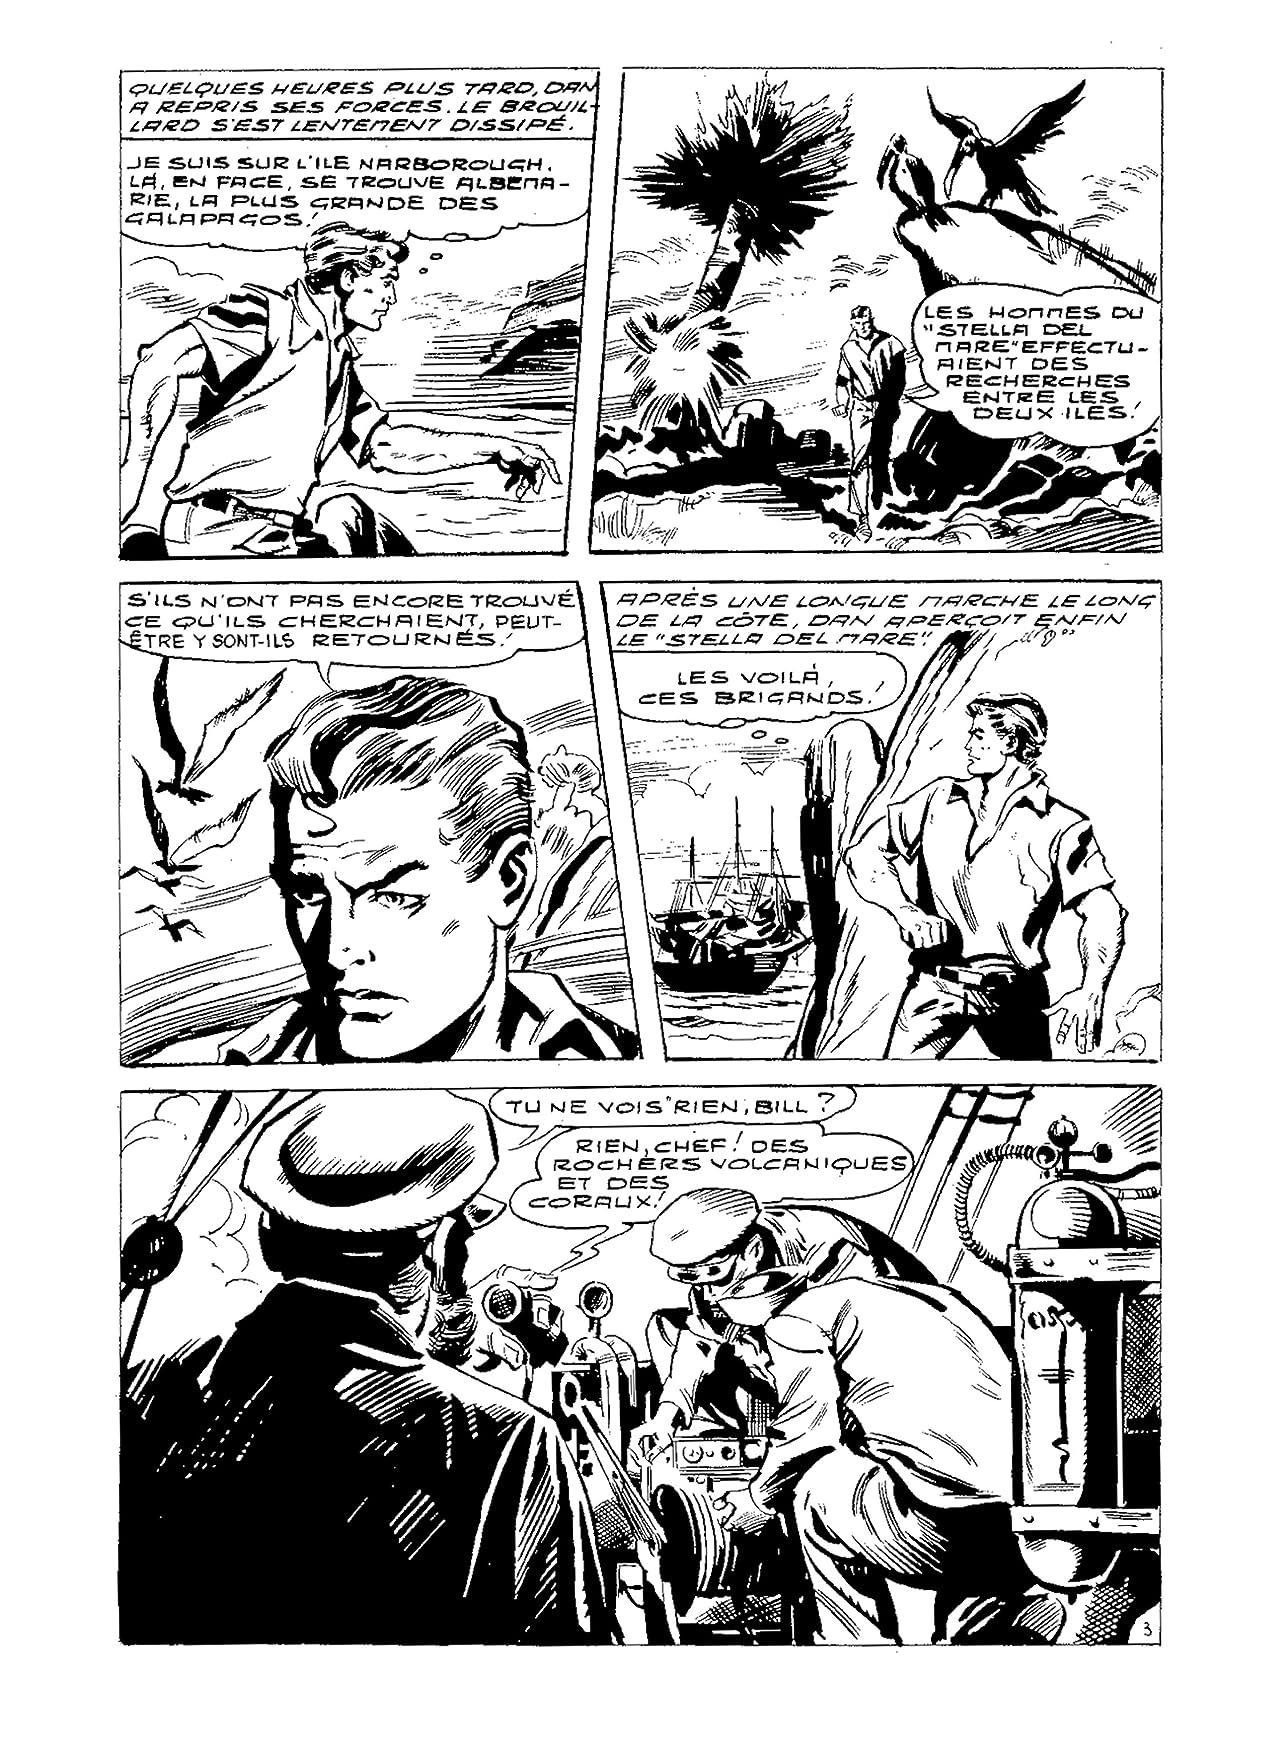 ROI DES PROFONDEURS Vol. 8: Le mystère des Iles Enchantées 2